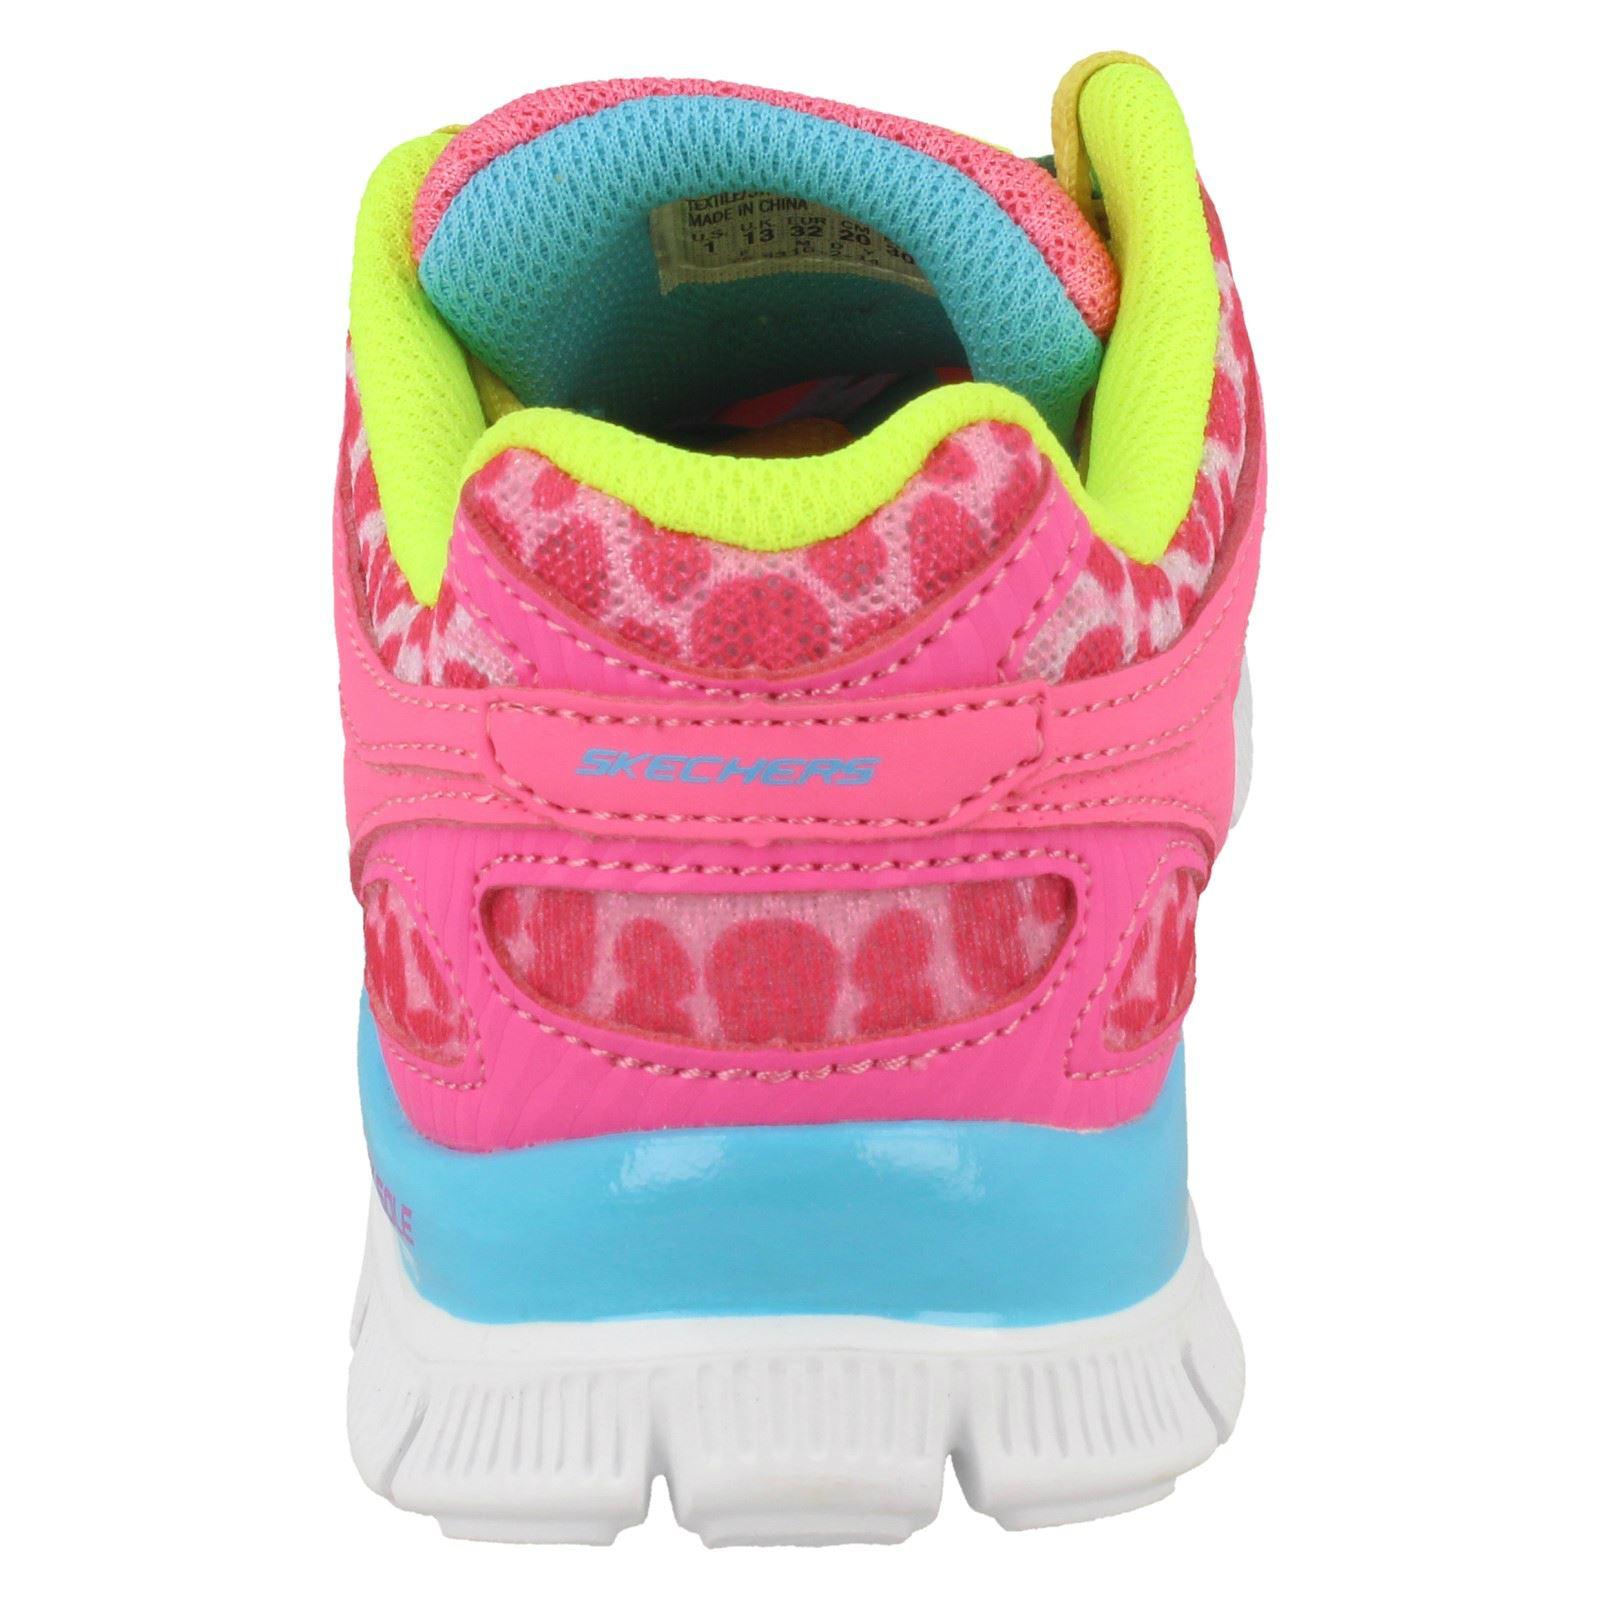 '8189l' ragazza Scarpette Serengeti rosa Skanzers Neon per ginnastica Pink da casual tF0qnw40p7